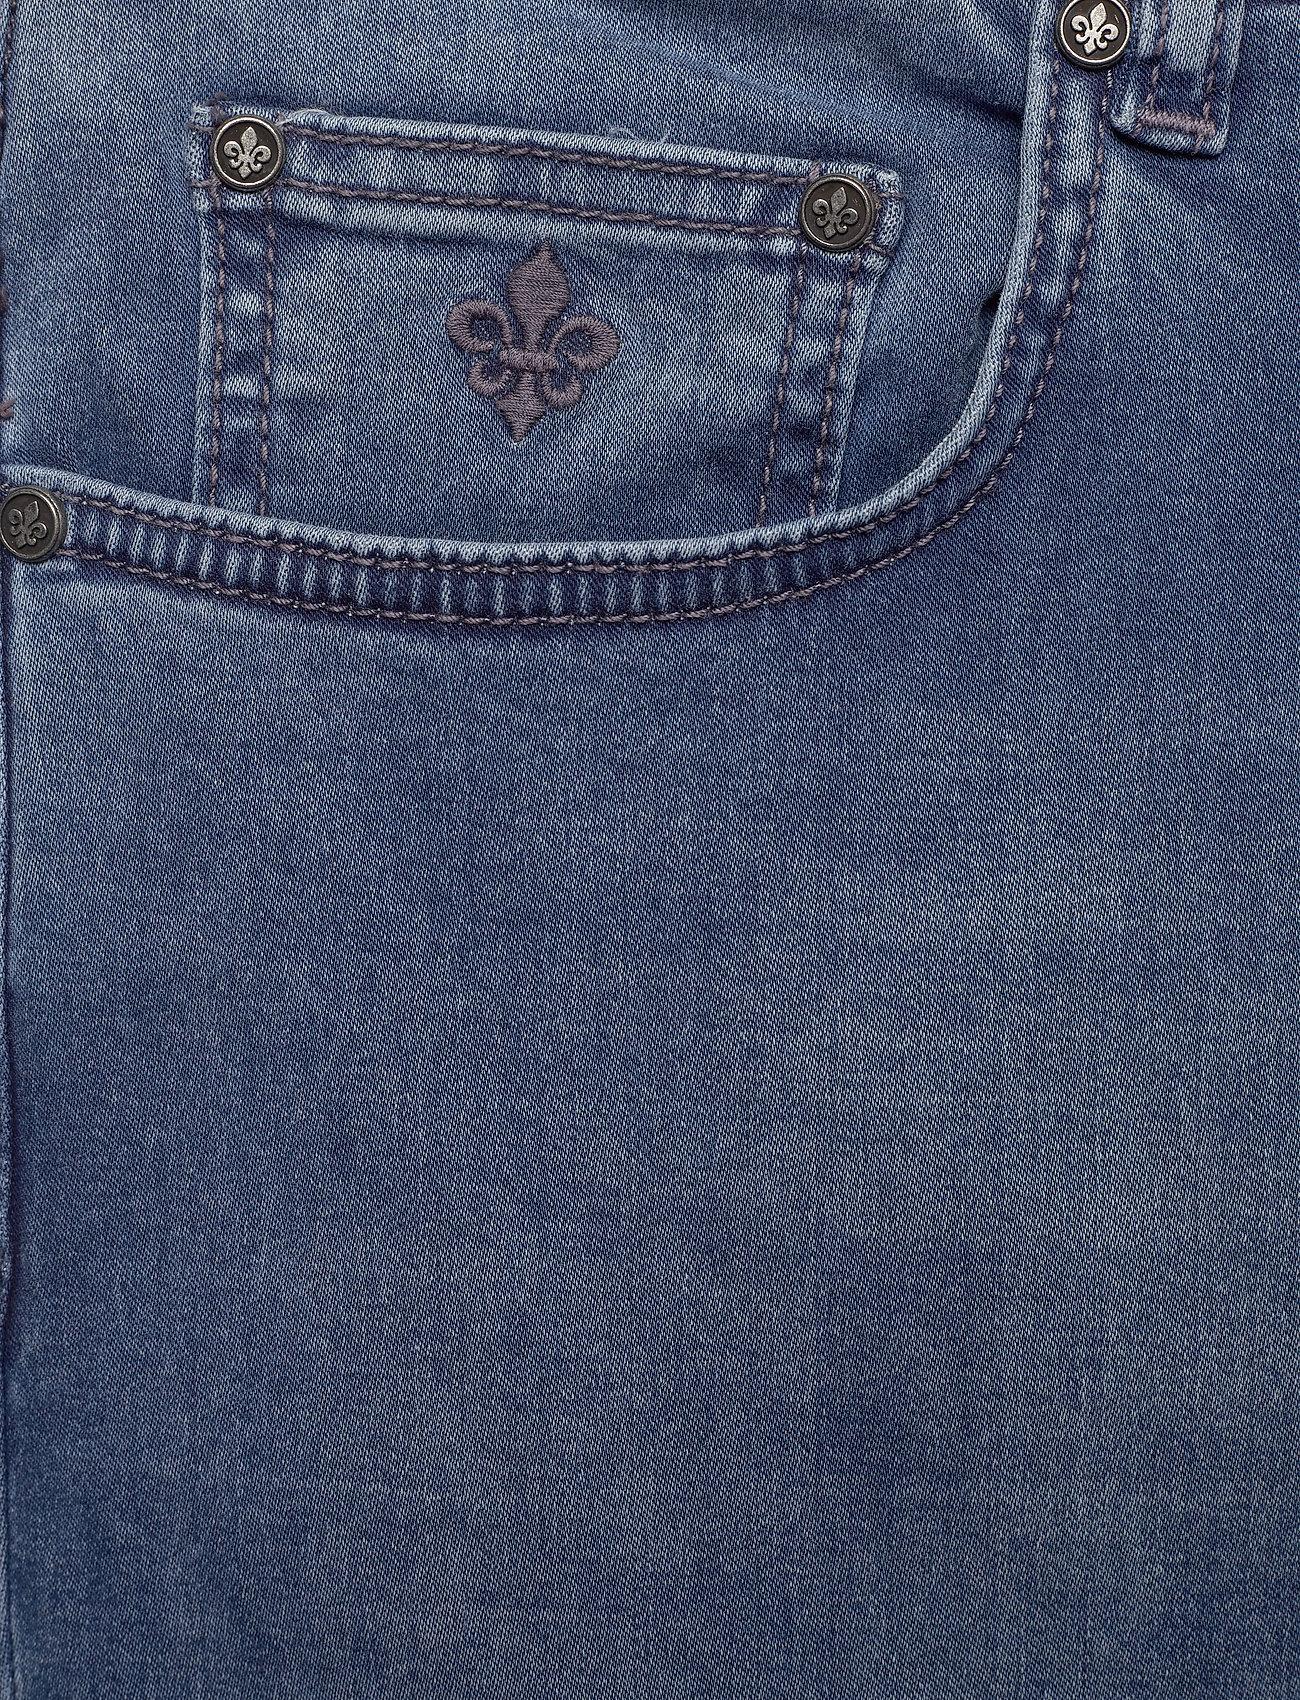 Morris Steve Satin Jeans Zip - Jeans LT WASH - Menn Klær